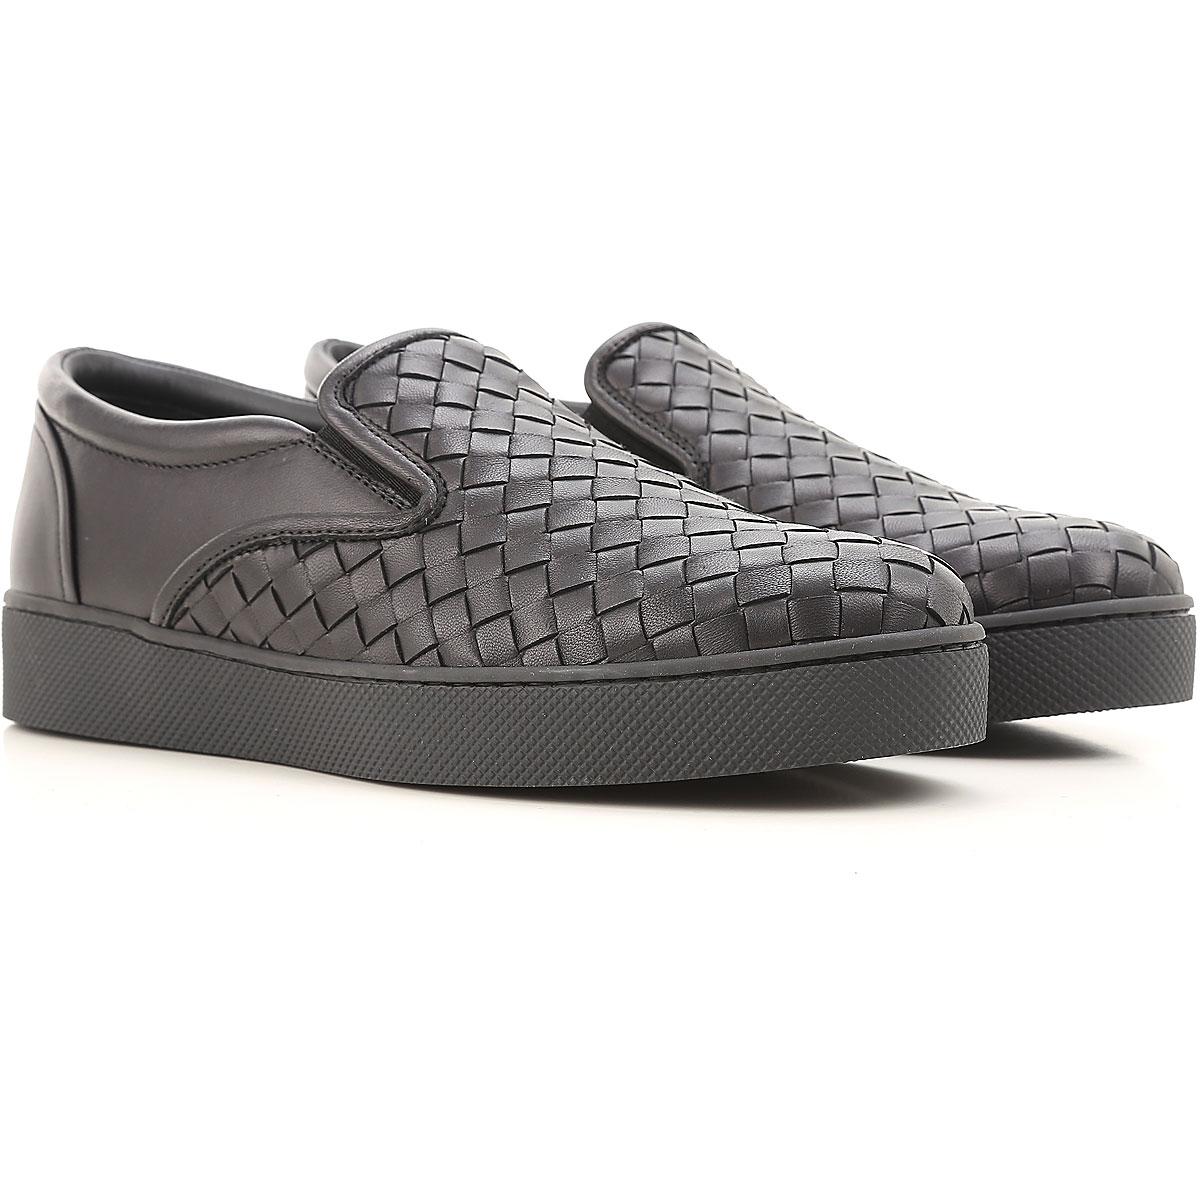 Image of Bottega Veneta Slip on Sneakers for Women On Sale, Black, Leather, 2017, 10 5 6 6.5 7 8